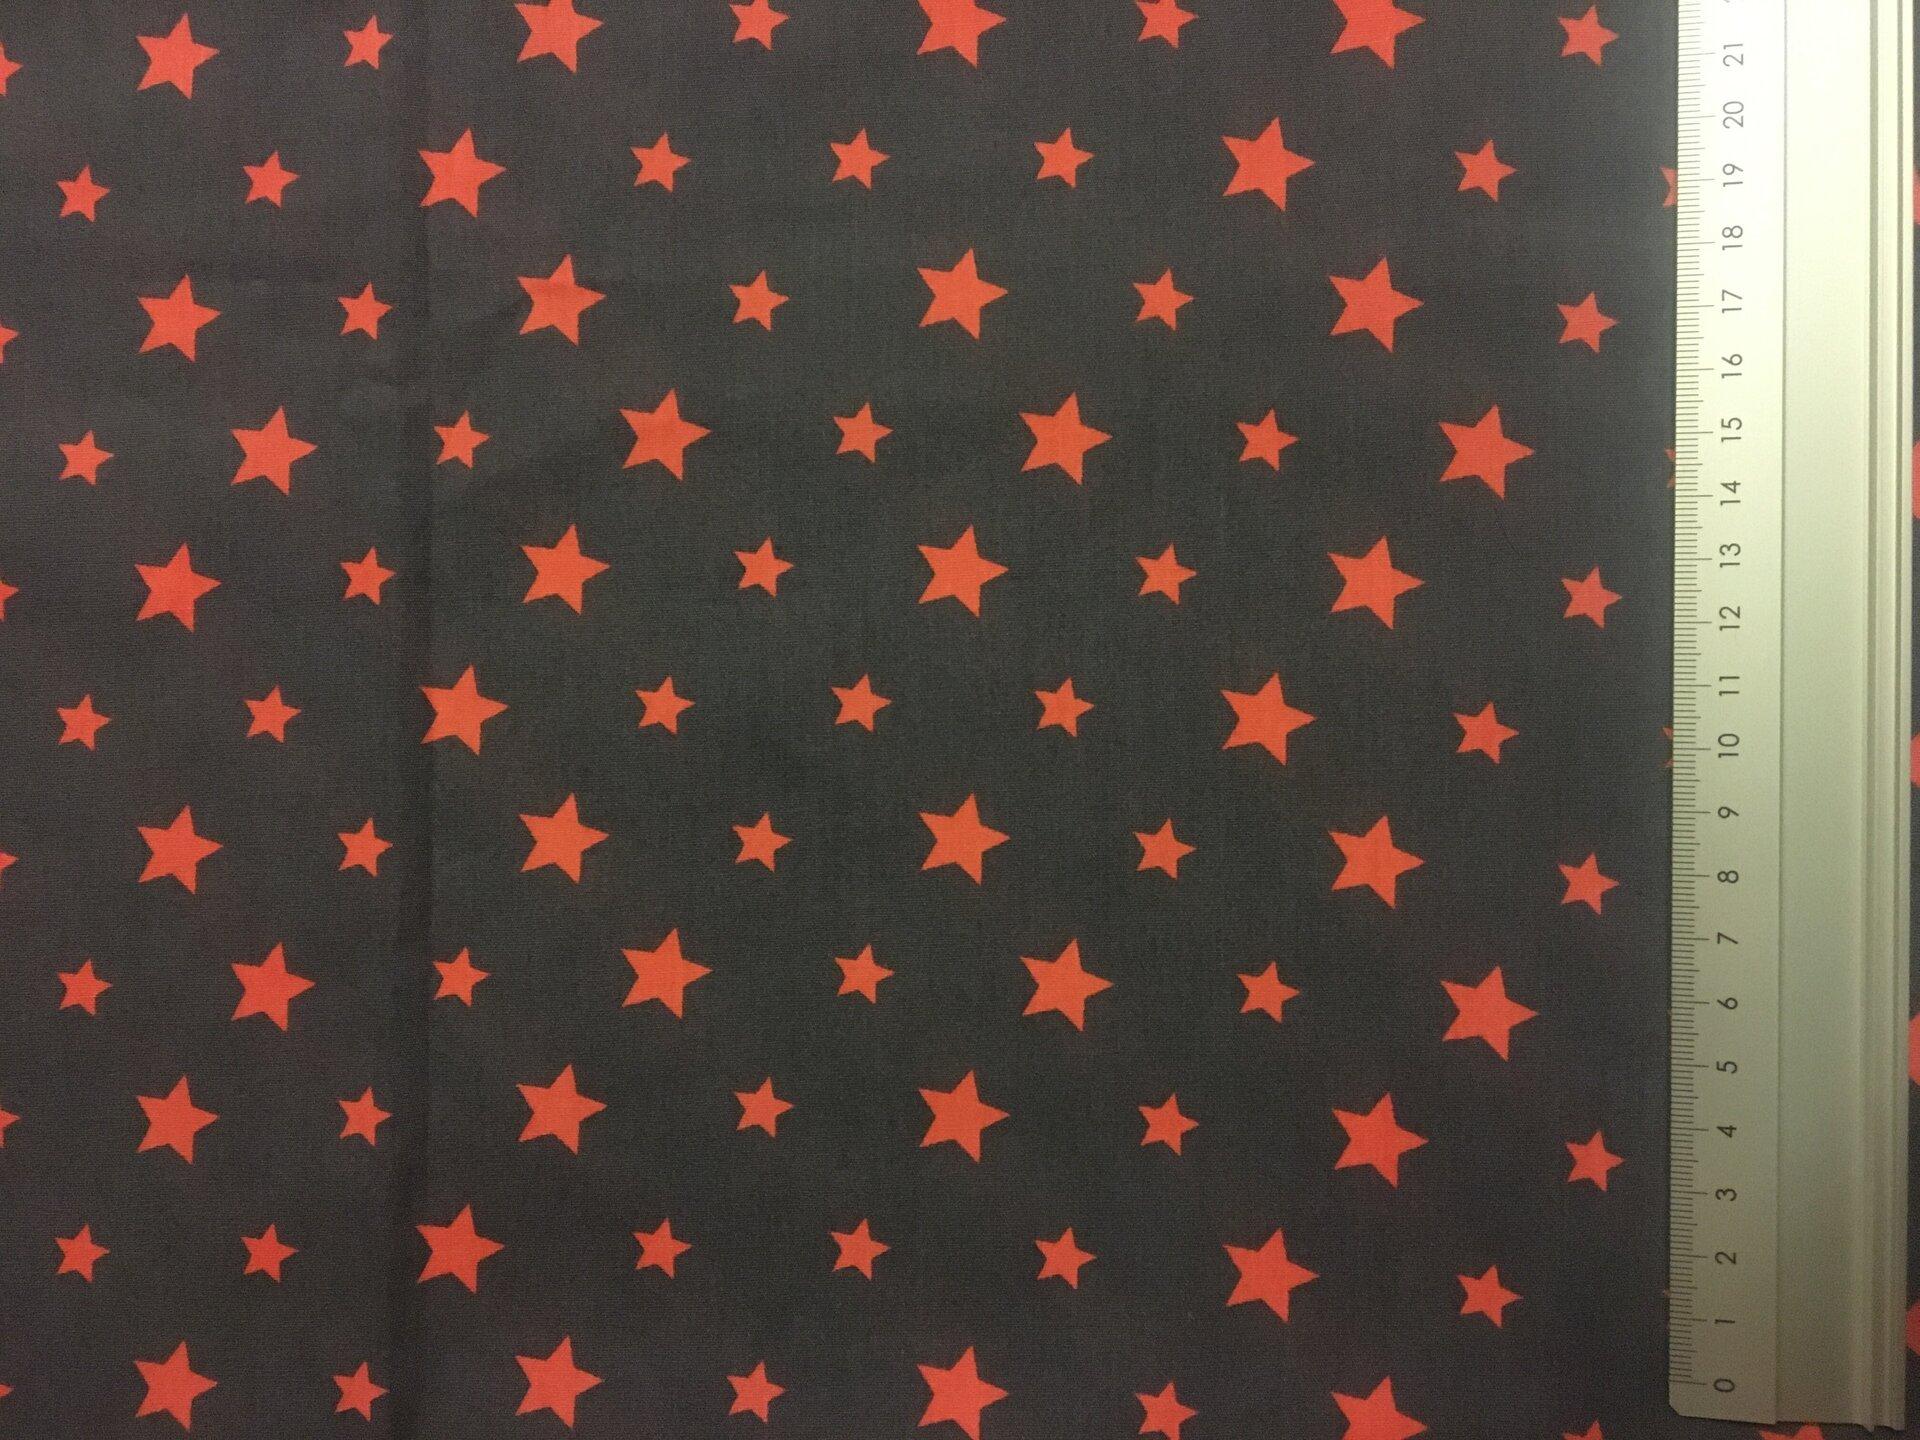 Motiv 1 - anthrazit mit orangen Sternen